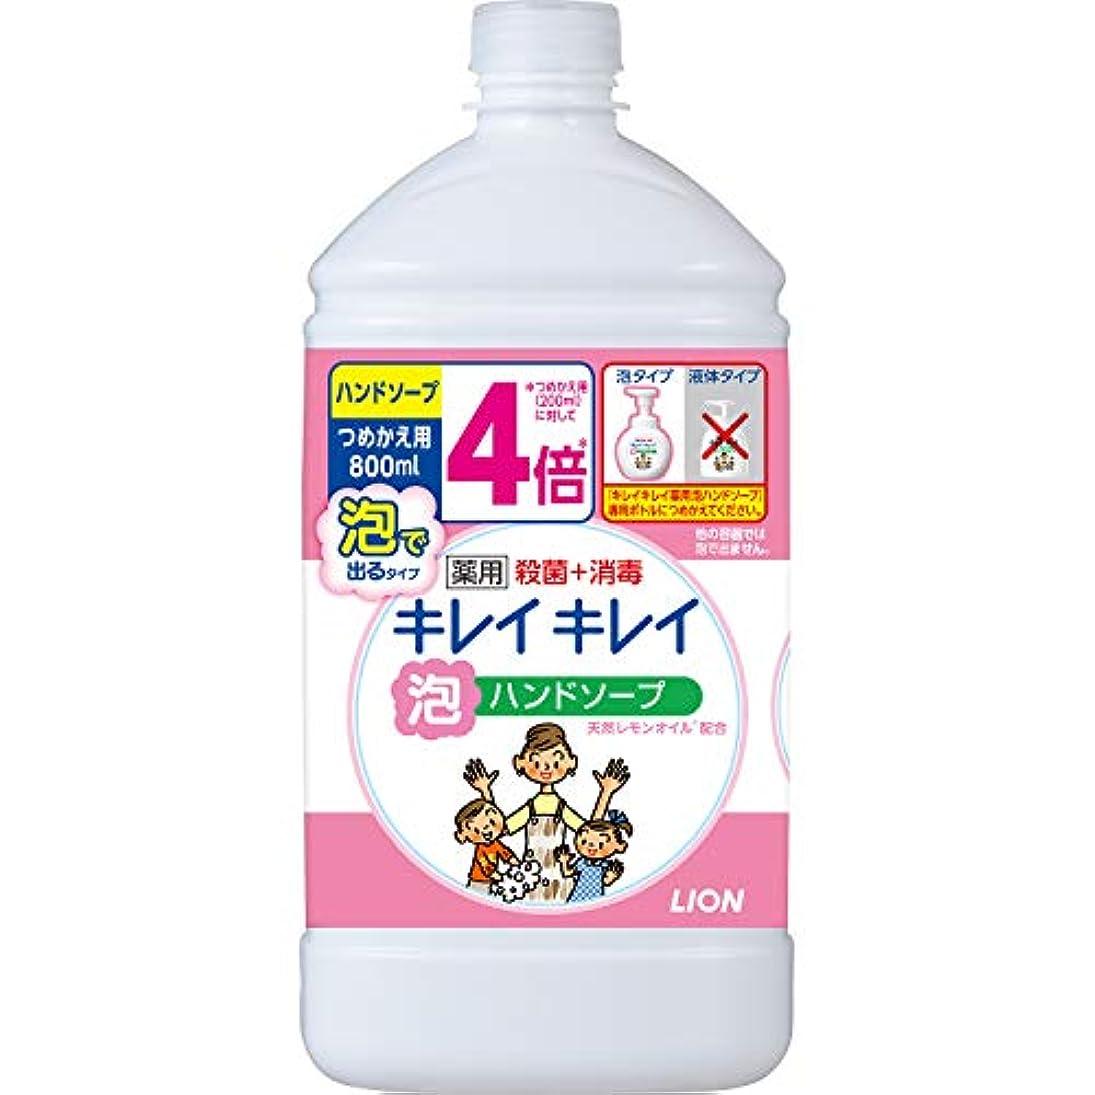 疫病コレクションが欲しい(医薬部外品)【大容量】キレイキレイ 薬用 泡ハンドソープ シトラスフルーティの香り 詰替特大 800ml